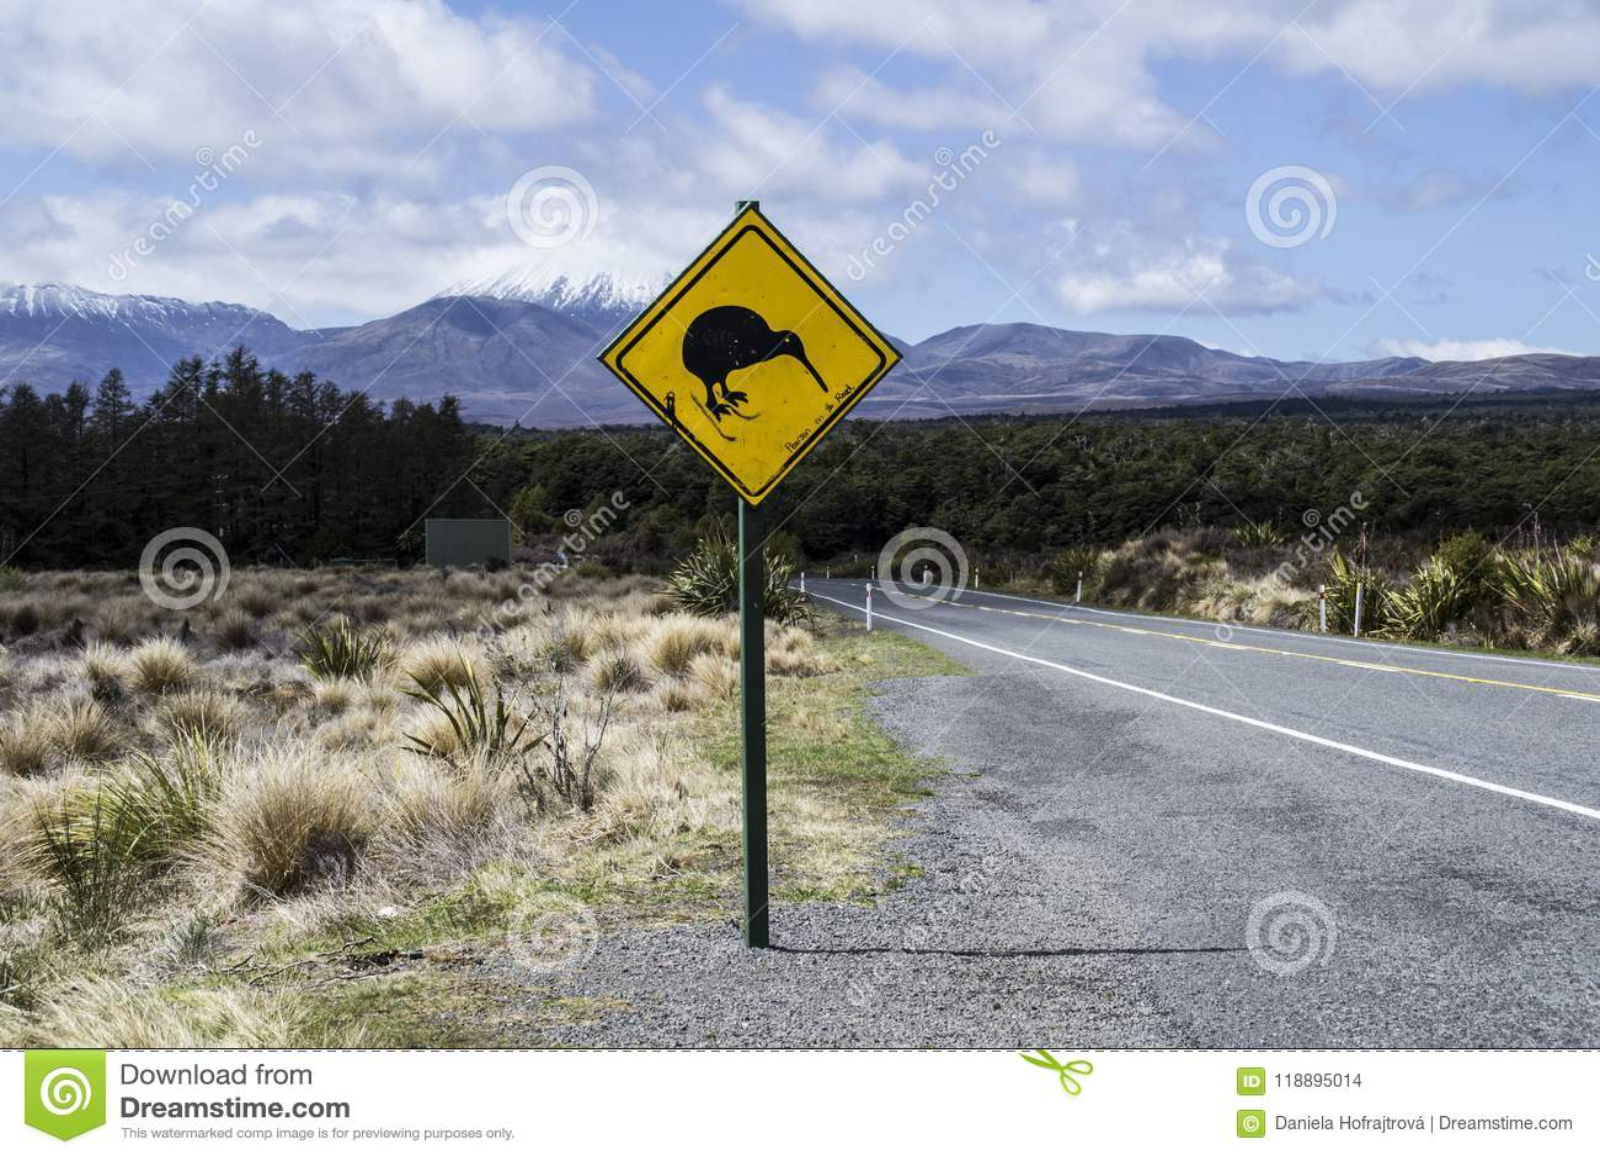 Желтый дорожный знак с скрещиванием птицы кивиа дорогой Горы на заднем плане Размещенный в национальном парке Tongariro, север